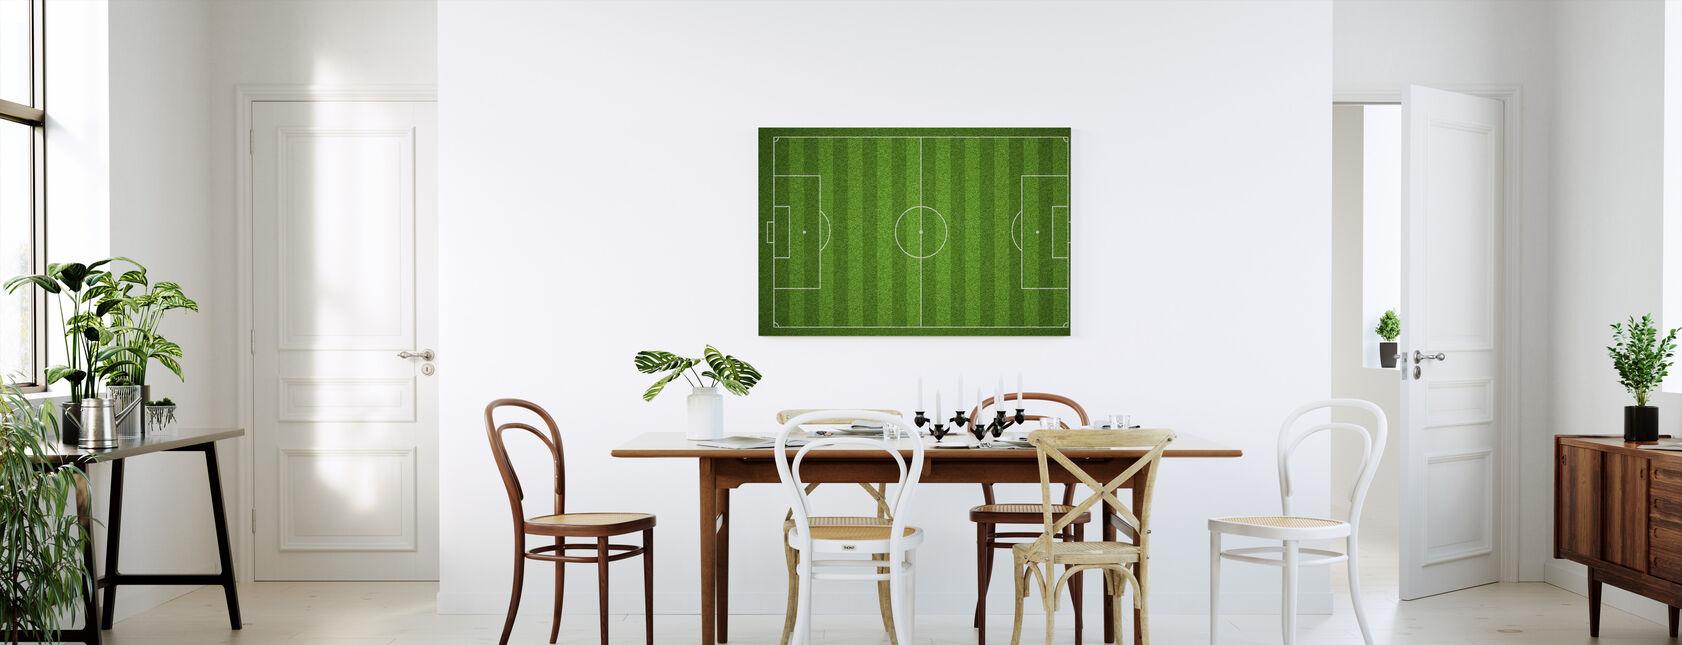 Fodboldbane - Billede på lærred - Køkken